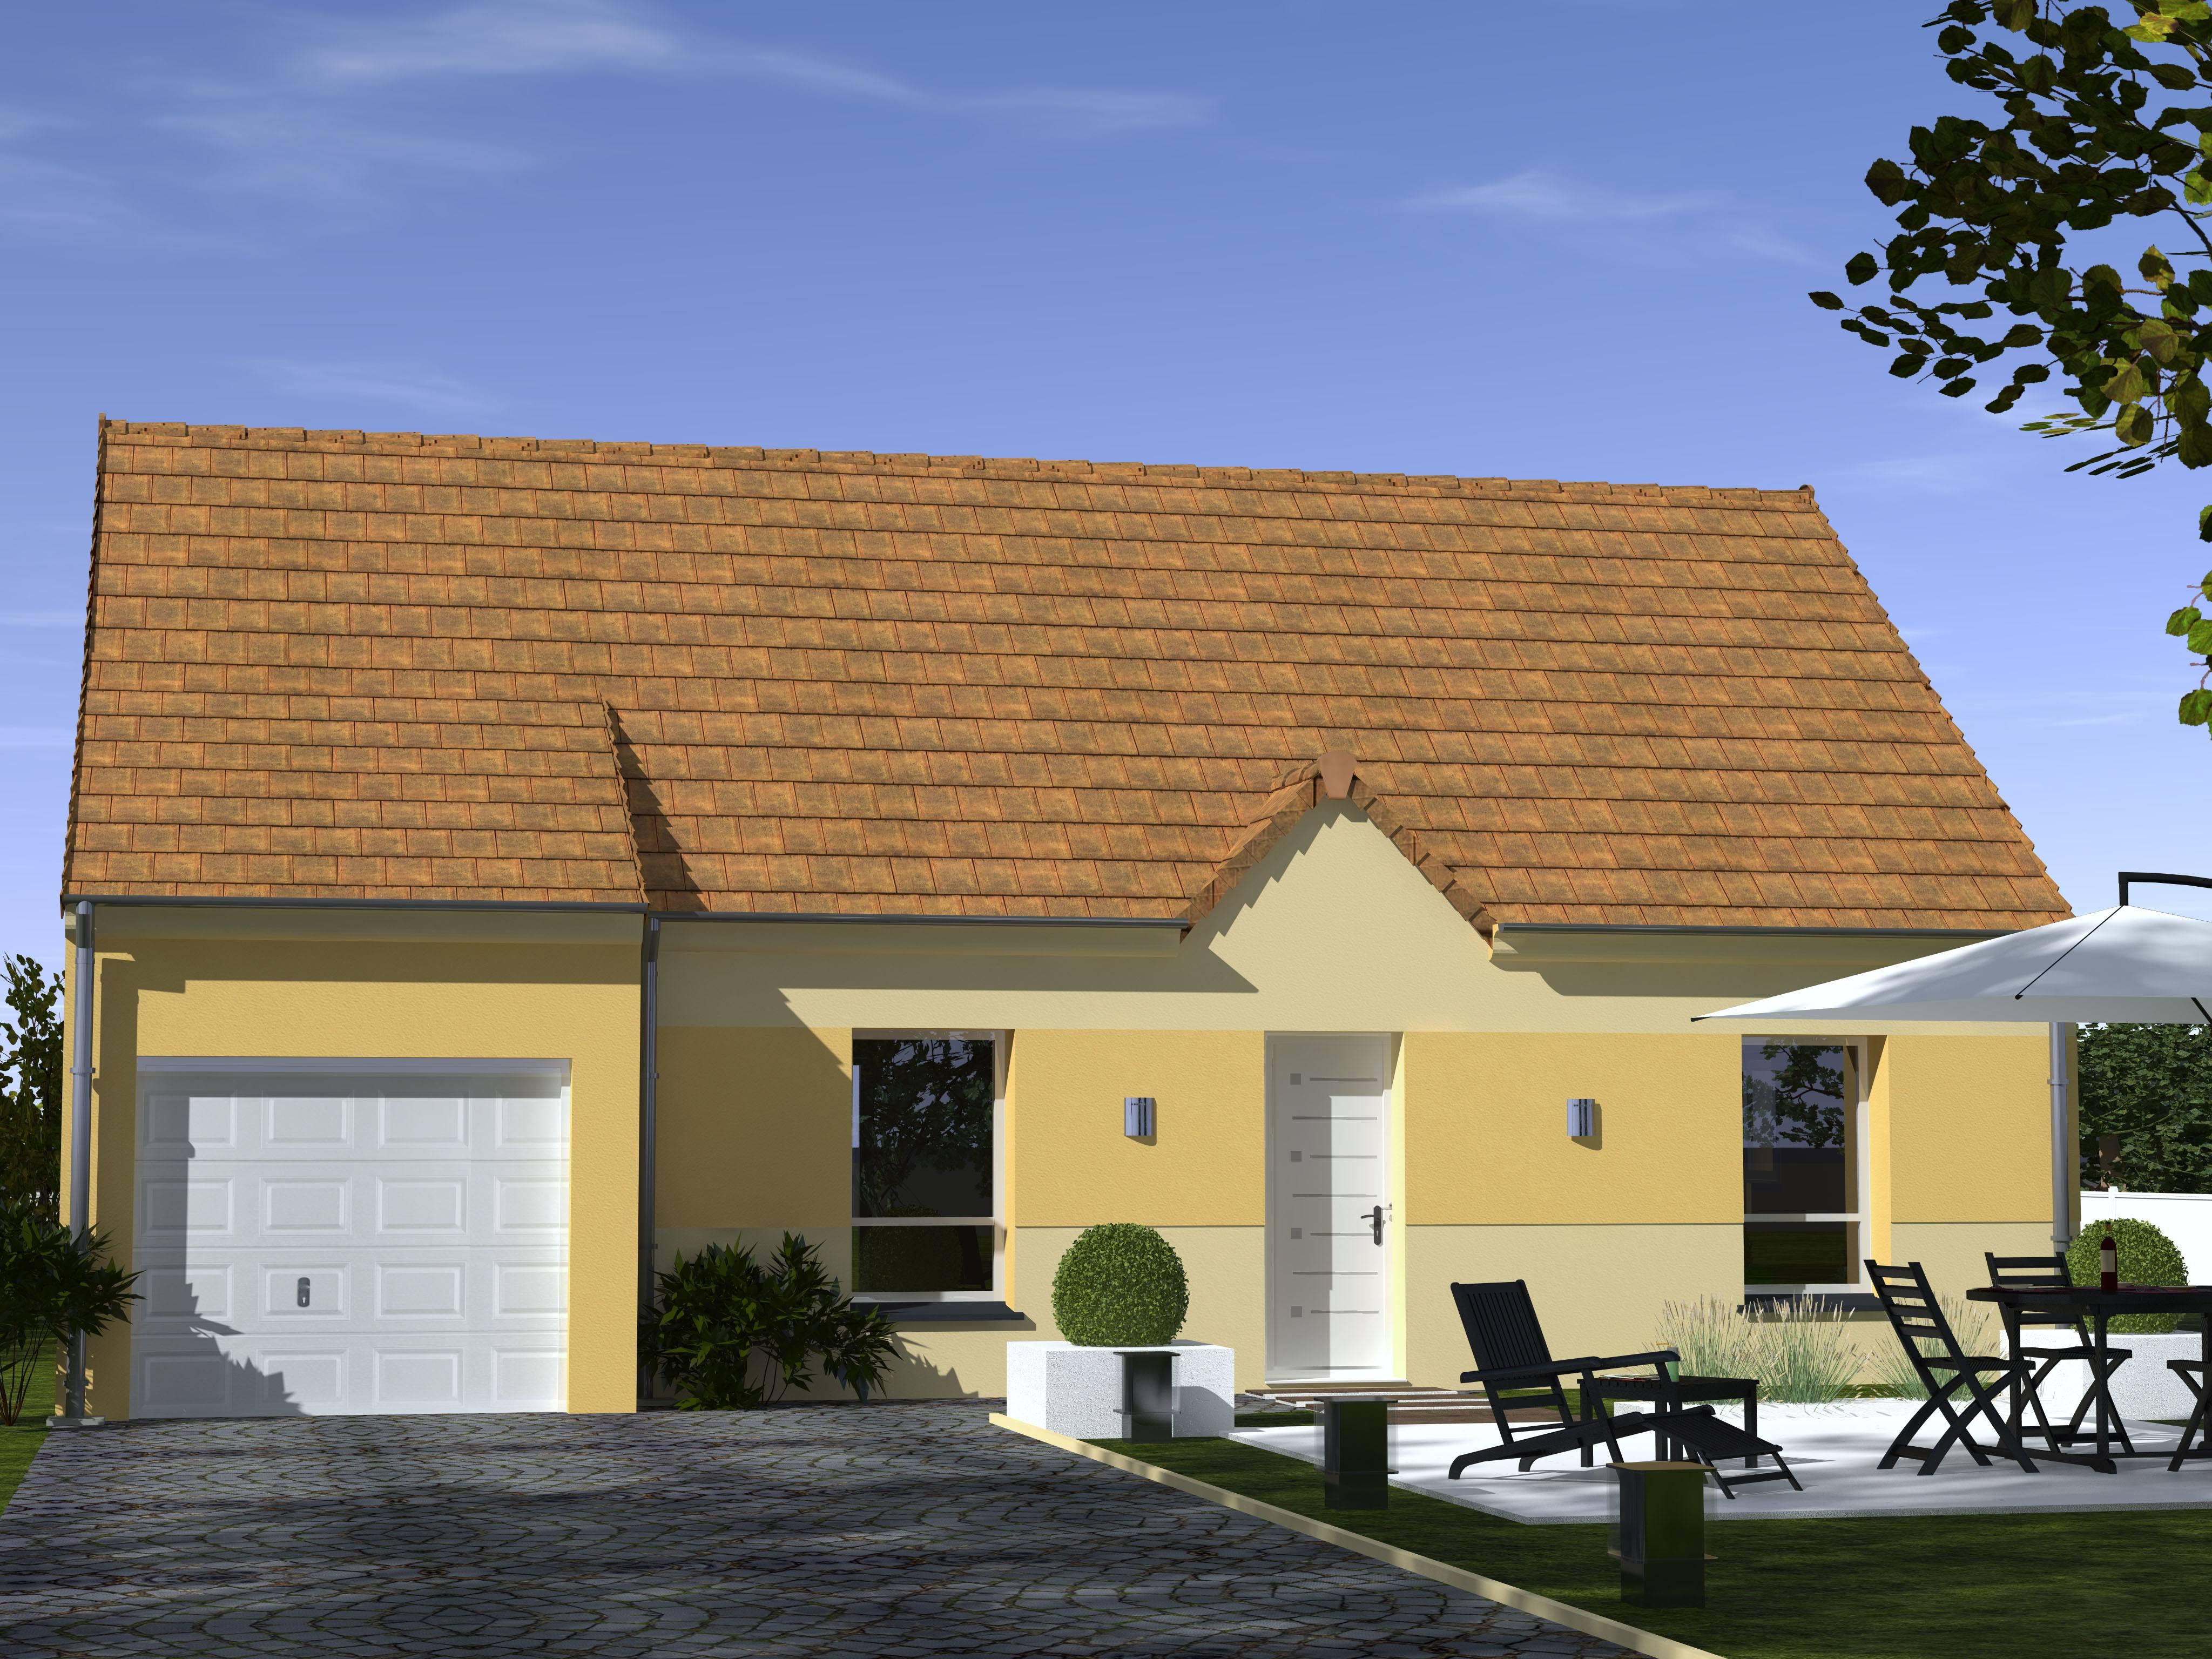 Maisons + Terrains du constructeur Les Maisons Lelievre • 92 m² • VILLAINES LA GONAIS